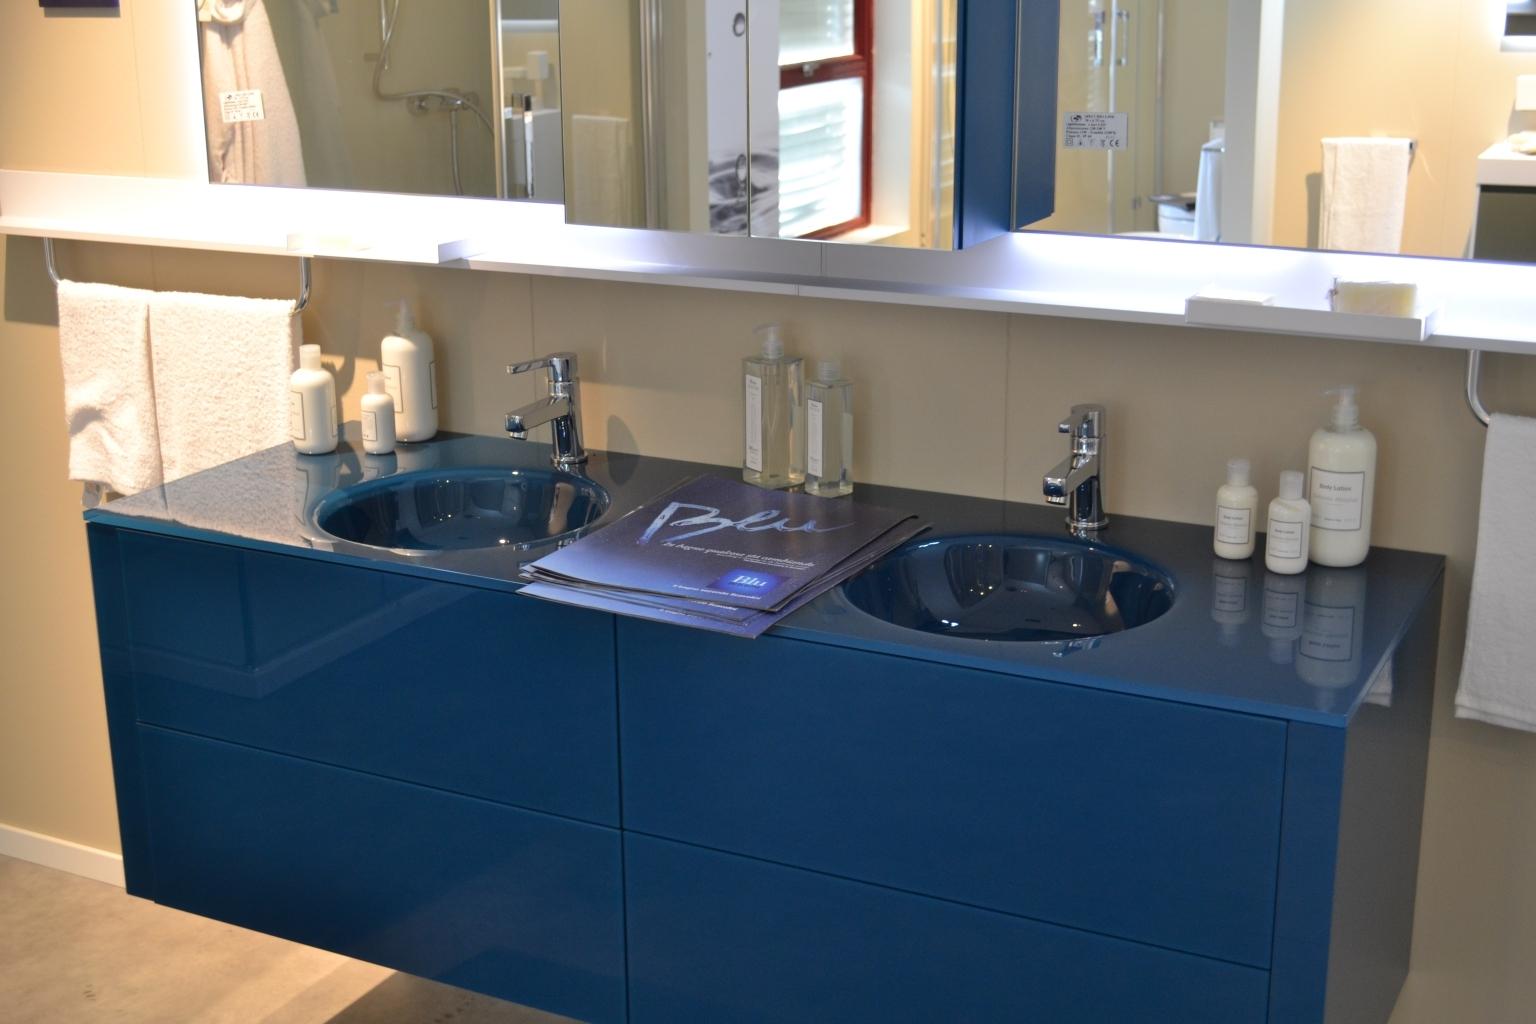 Arredo bagno blu best arredo bagno images on pinterest for Mobile bagno blu